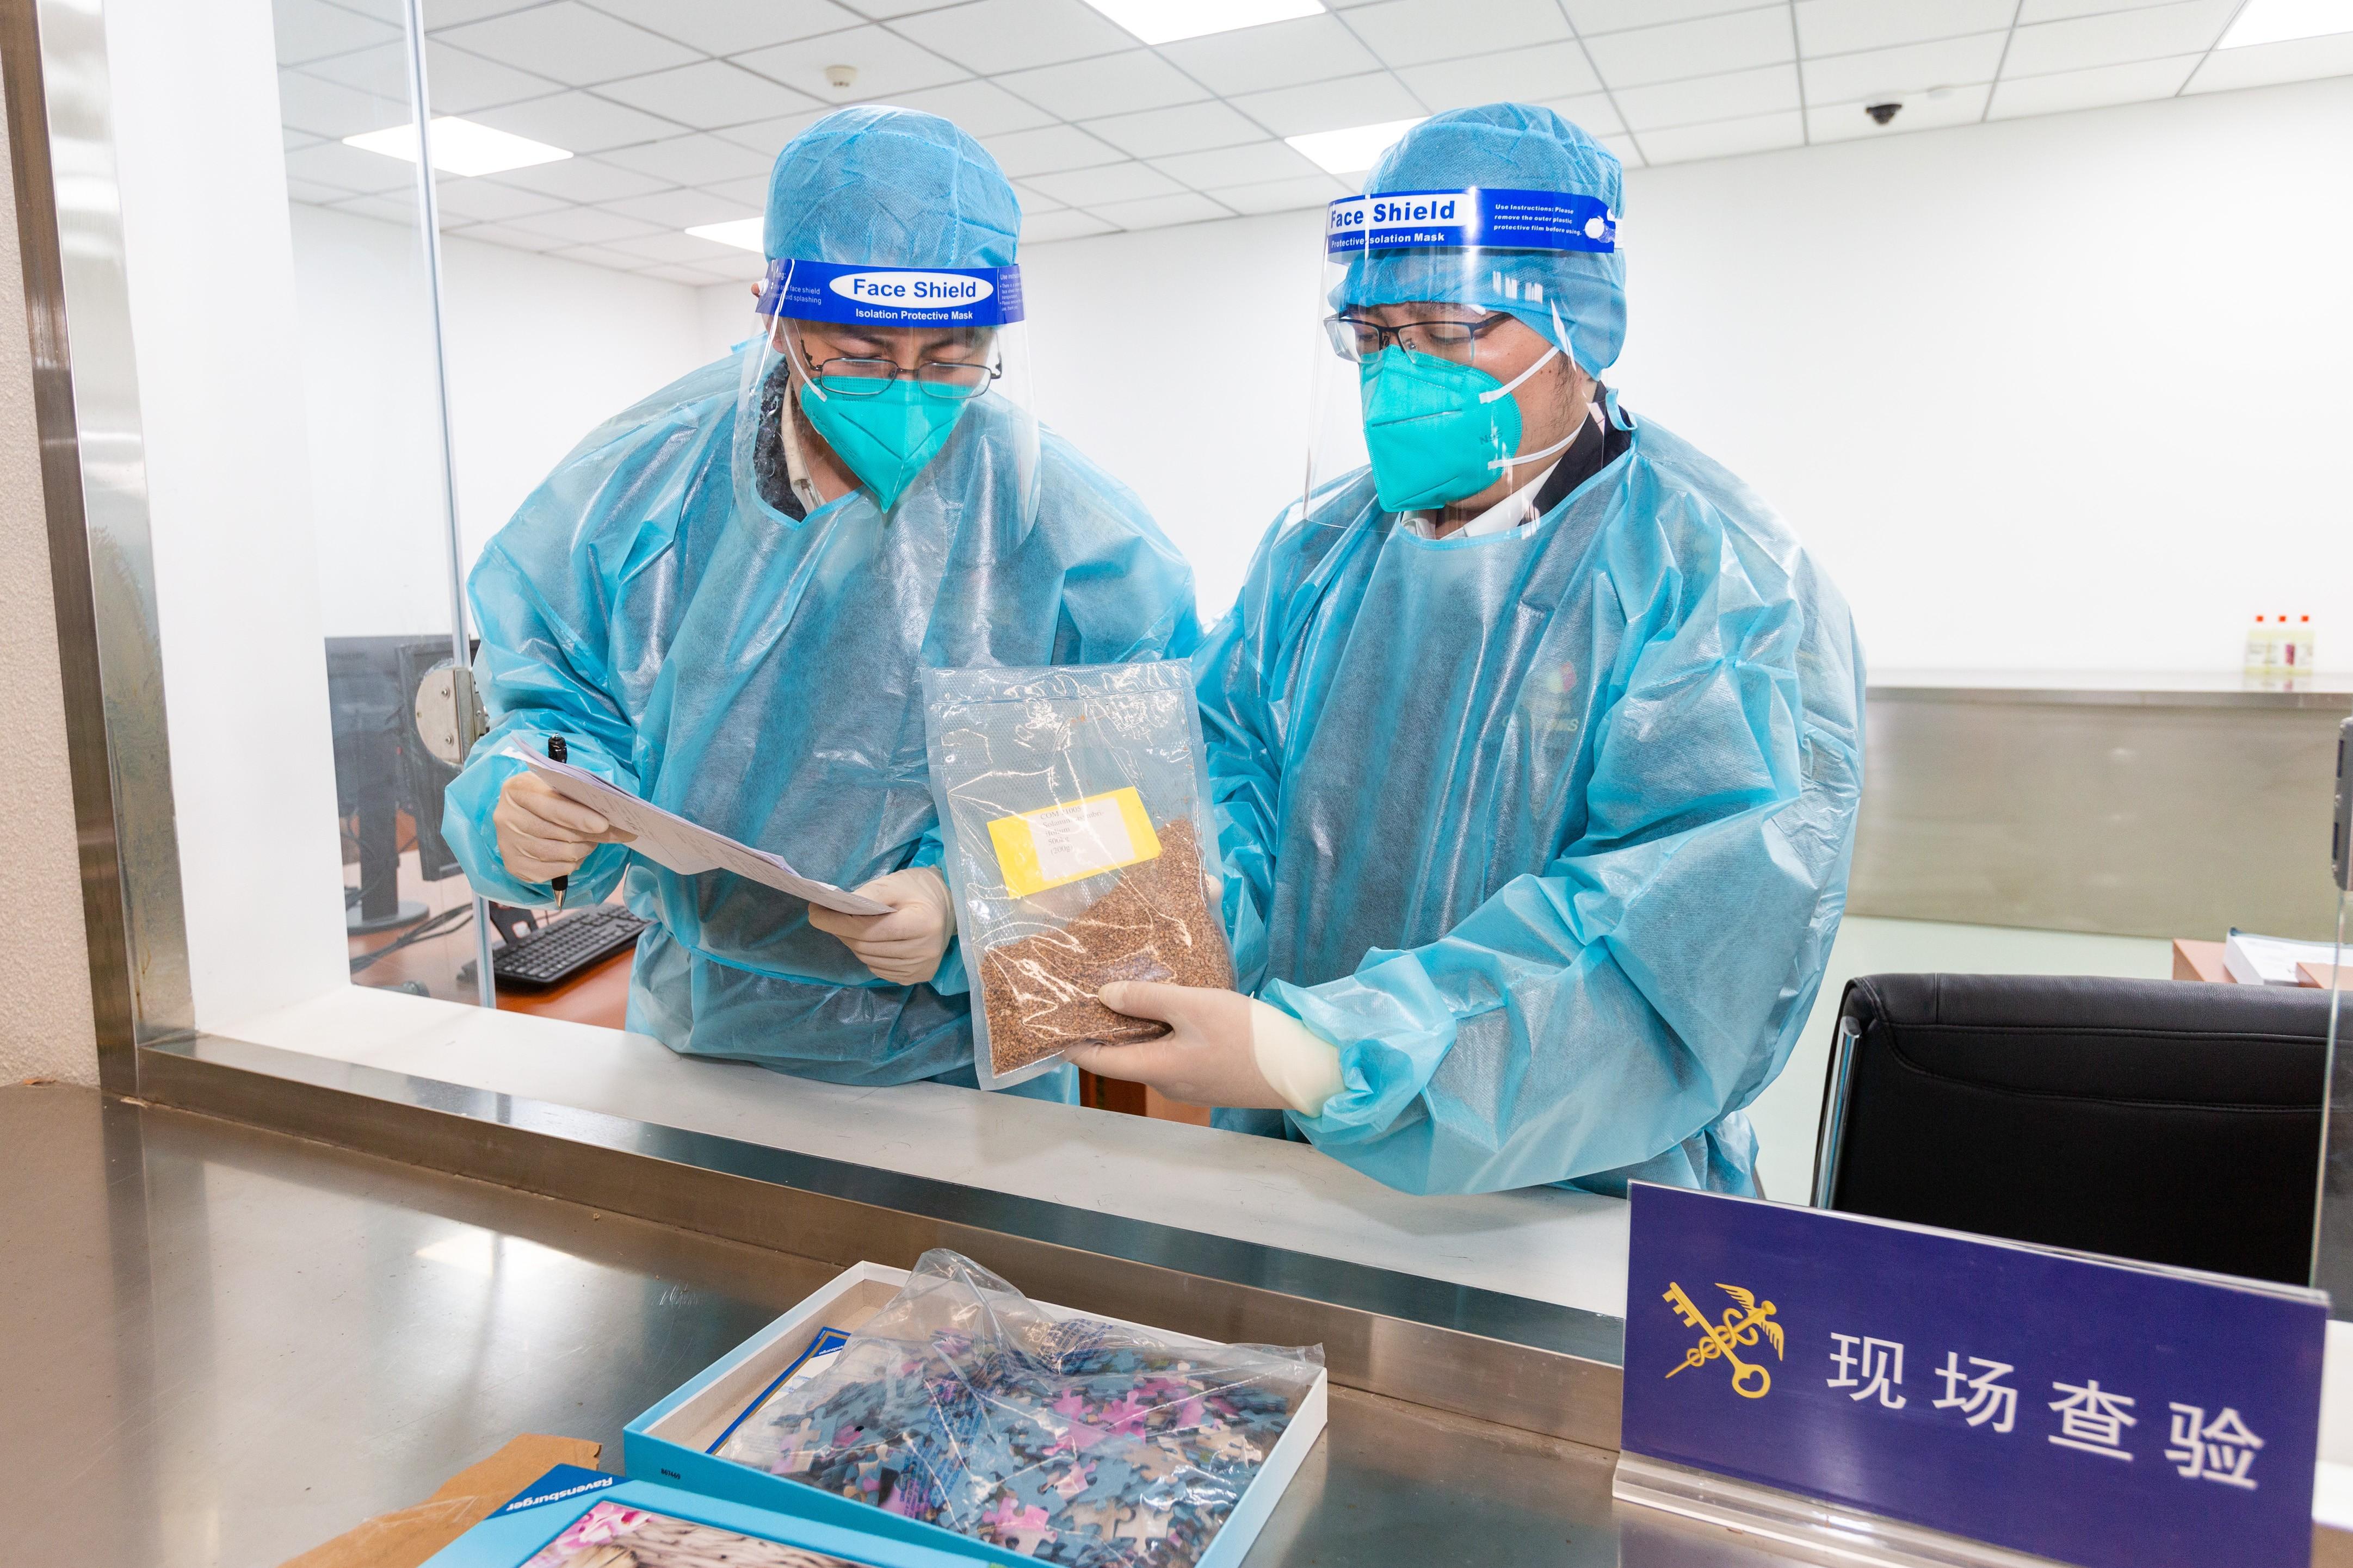 """星耀娱乐:进口""""拼图""""过机图像异常,北京海关查获0.2千克夹藏种子"""